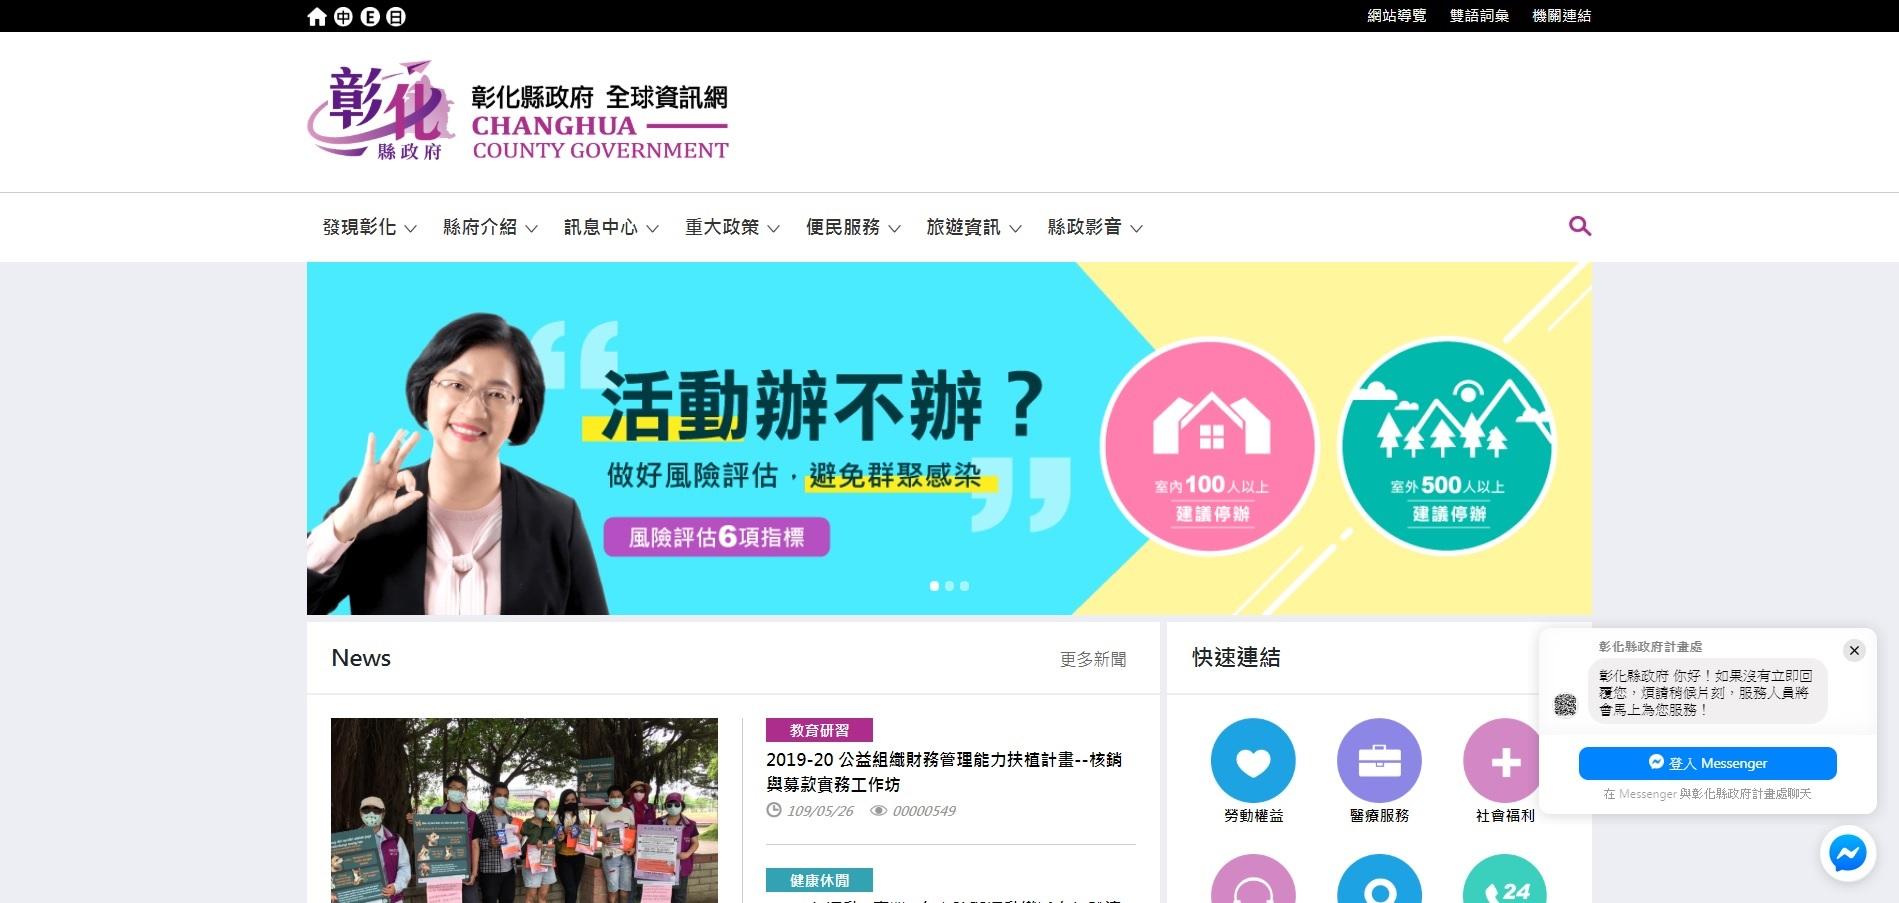 彰化縣政府全球資訊服務網「改版換新裝」正式上線啟用